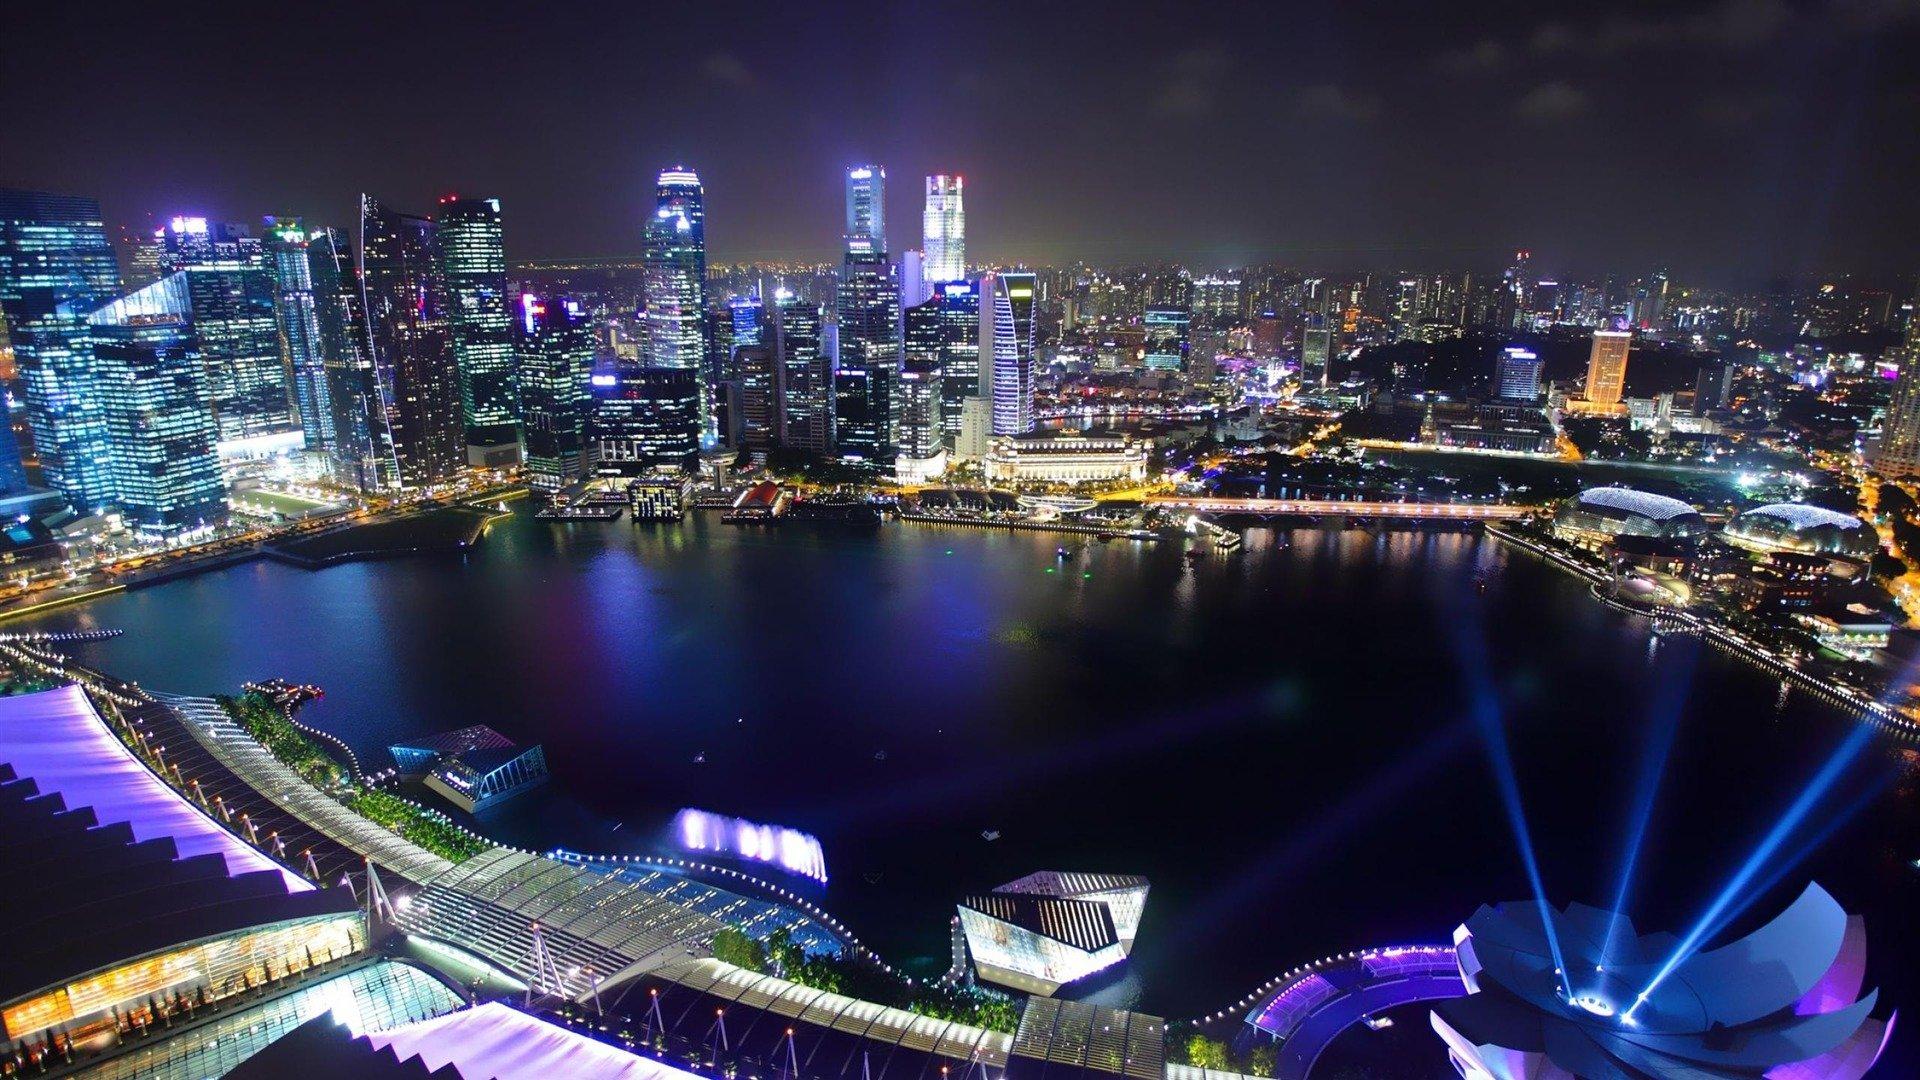 ТОП 10 Самых технологично развитых стран мира 2019